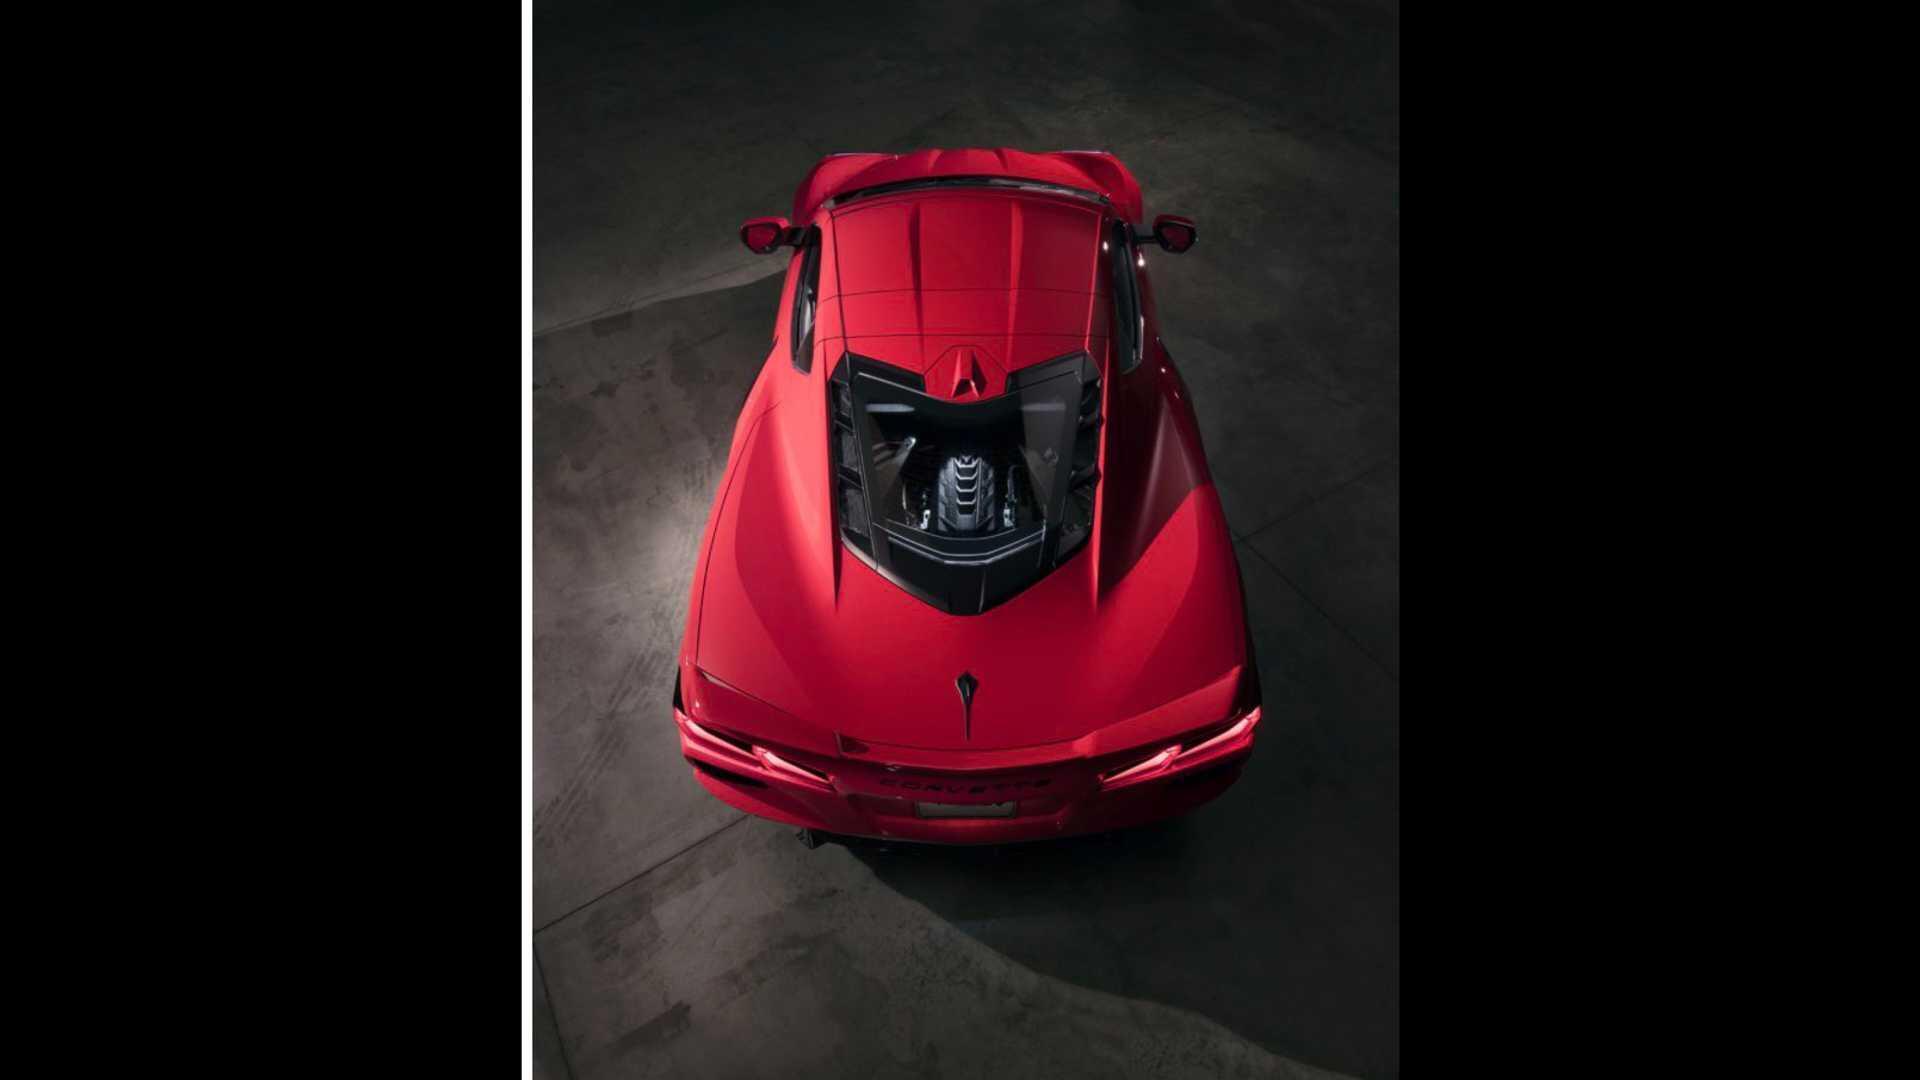 https://cdn.dailyxe.com.vn/image/chevrolet-corvette-2020-co-mot-so-tinh-nang-an-tuyet-voi-47-94546j2.jpg